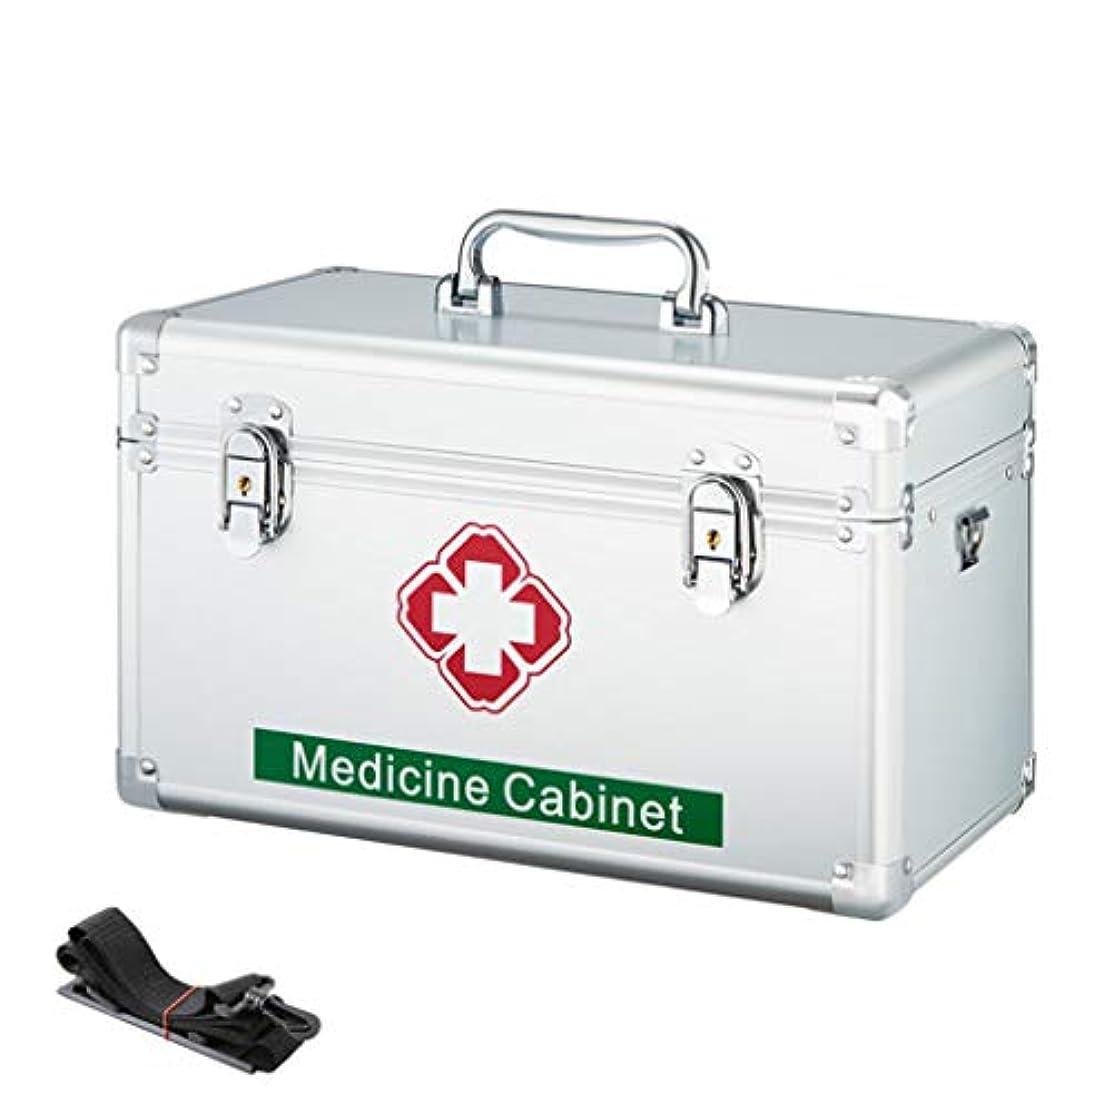 ブラインド見せますお互いロック付き医療用ボックス、救急箱緊急医療ケース子供の証拠薬用キャビネット取り外し可能なトレイ付きポータブル薬収納ボックス-アルミニウム(シルバー)